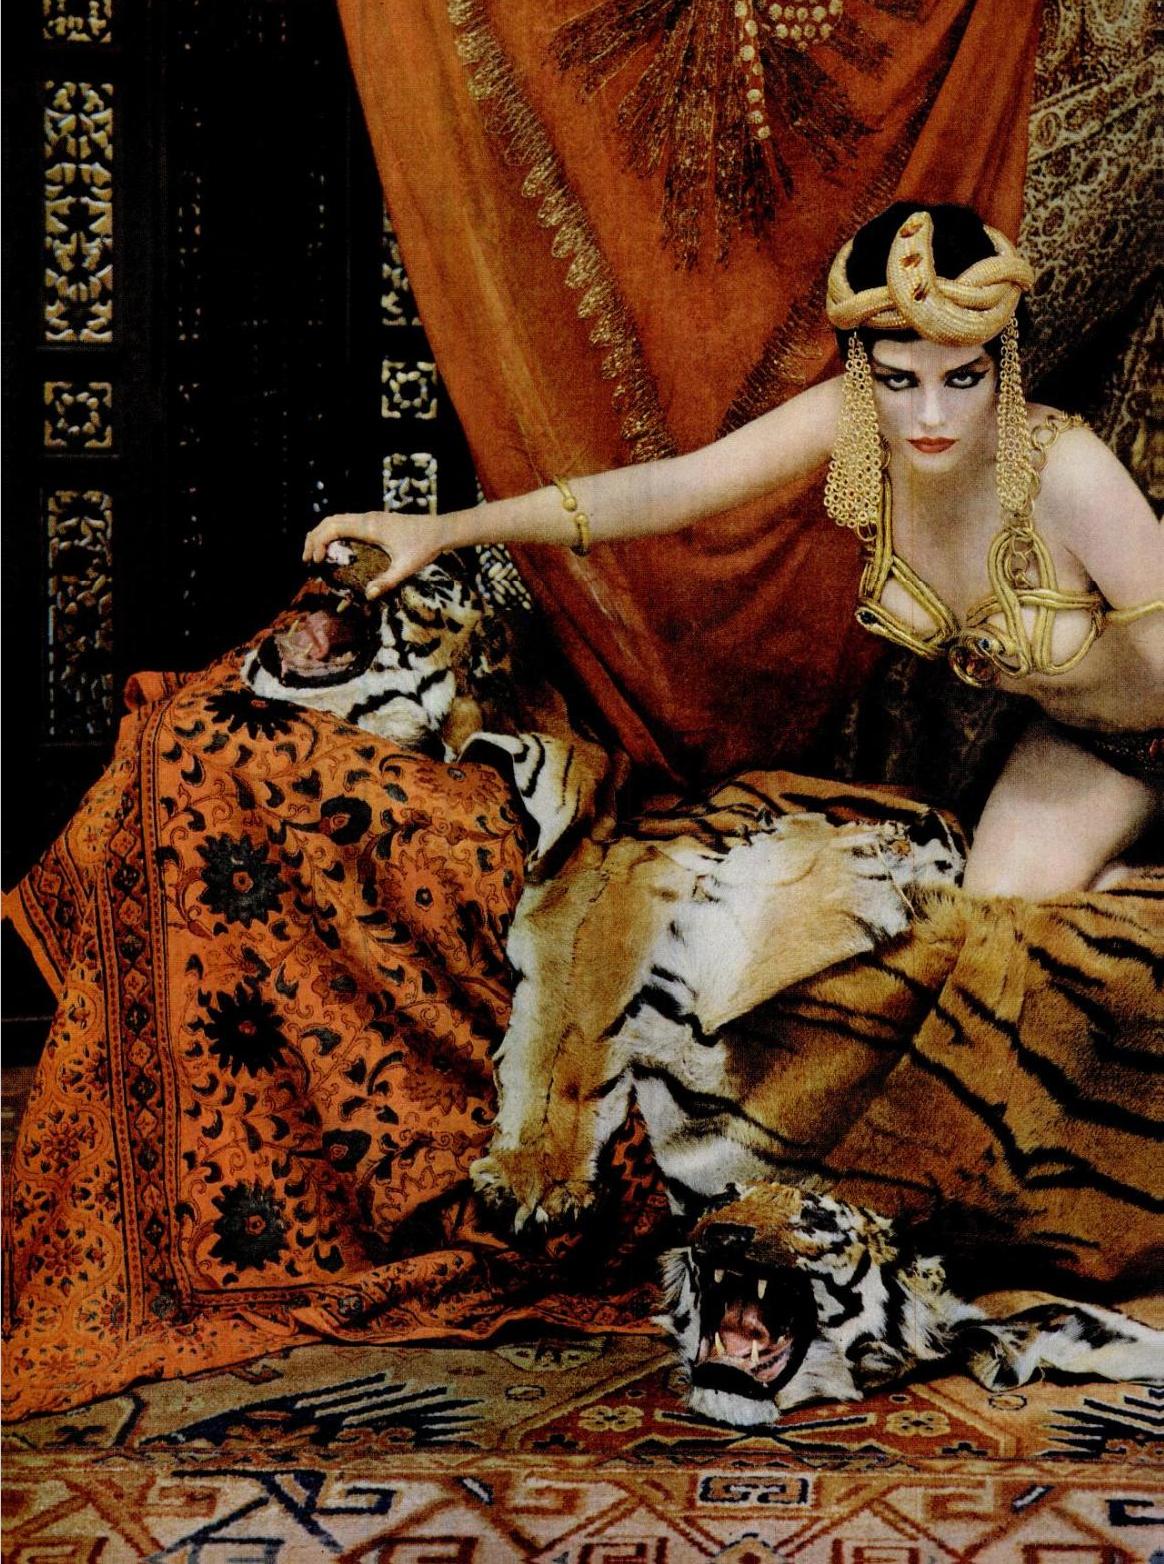 Pin By Mlle On Richard Avedon  Richard Avedon, Marilyn -5476